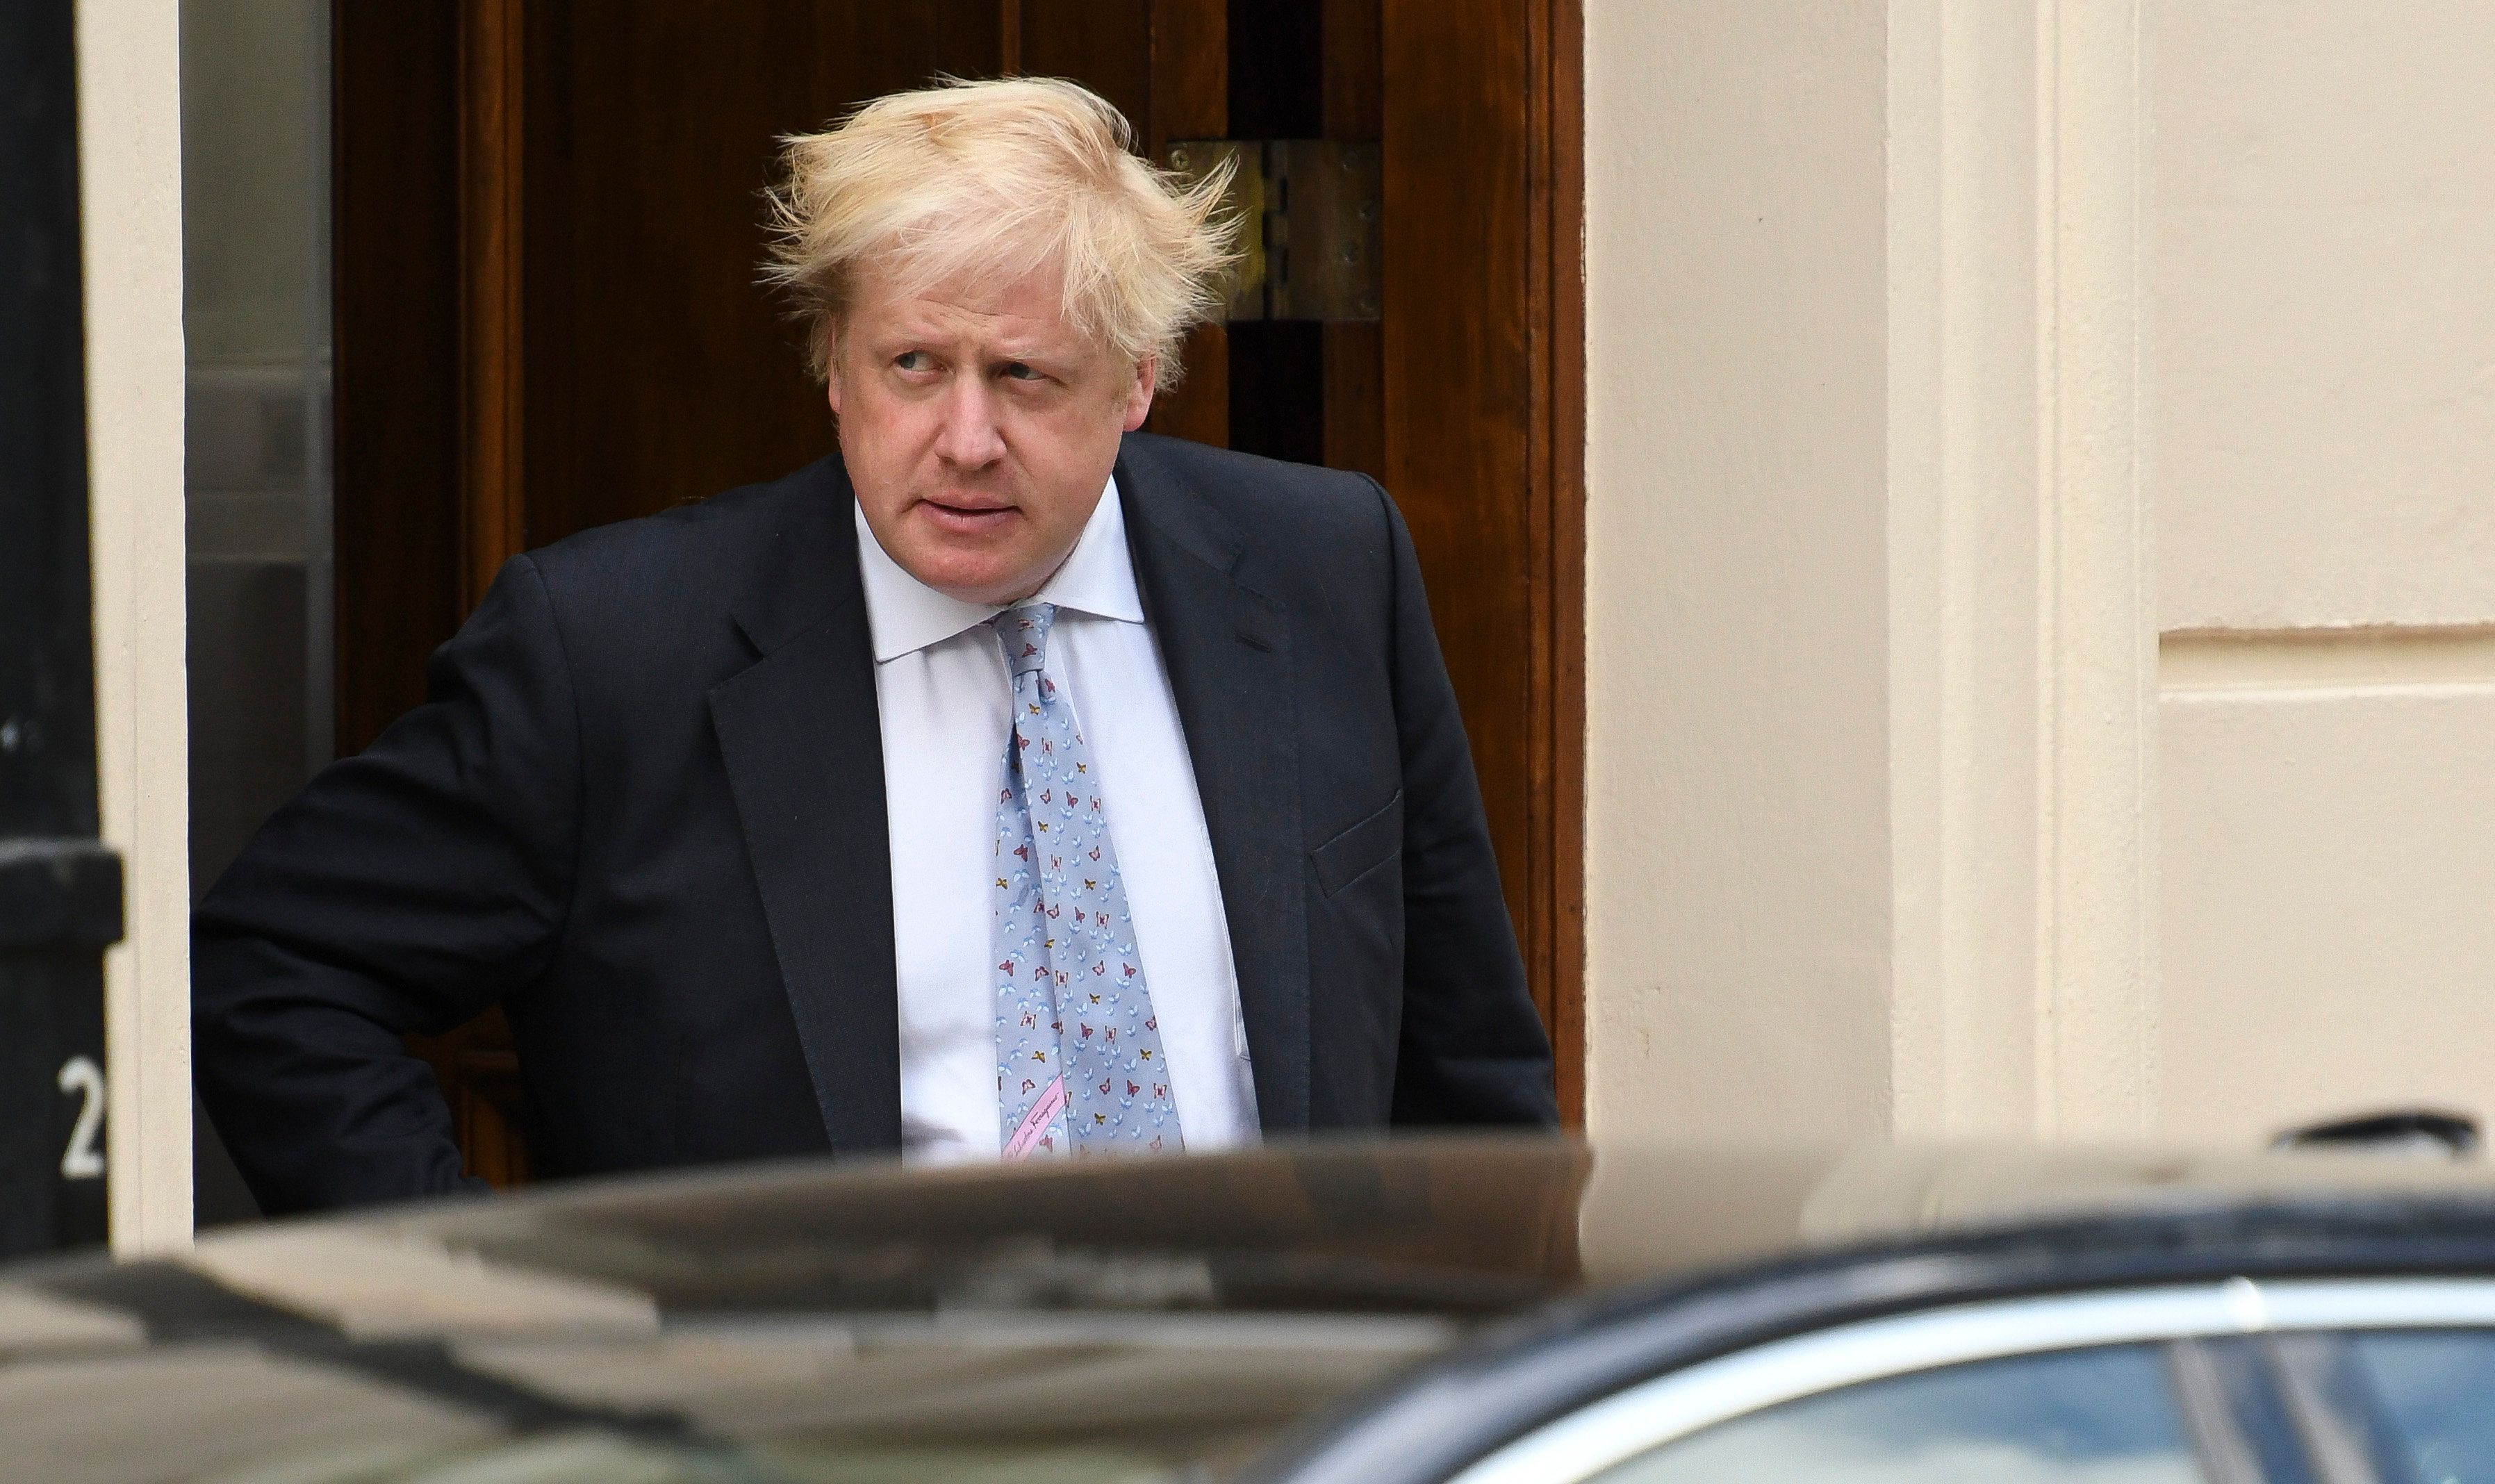 Boris Johnson vergleicht Burka-Trägerinnen mit